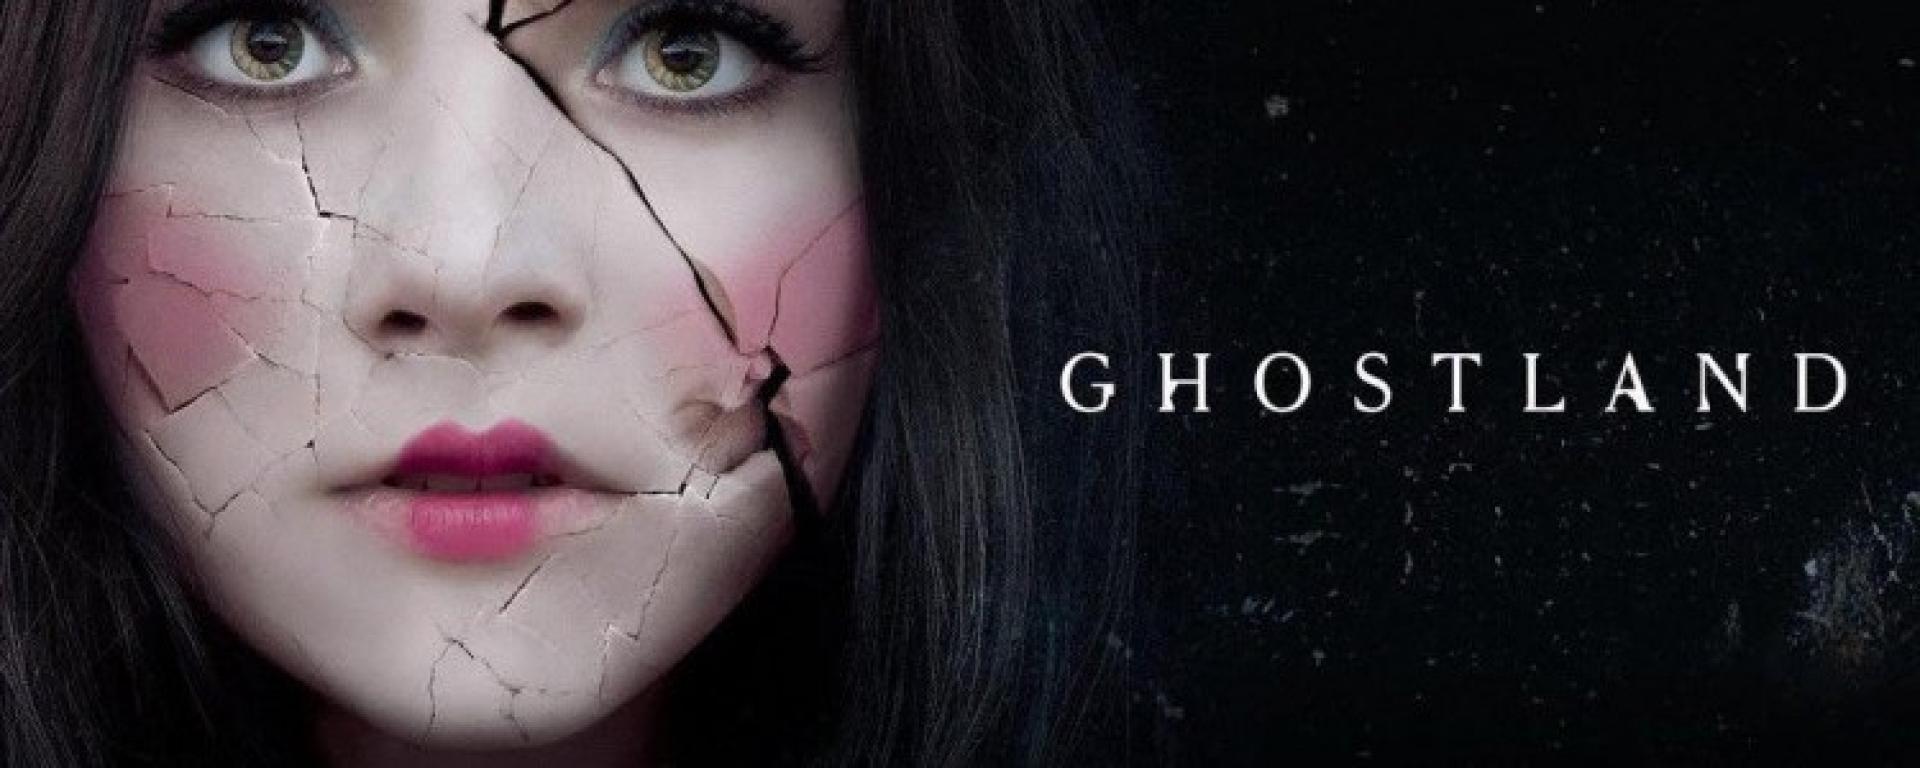 Ghostland – Ghostland: A rettegés háza (2018) - Pszicho